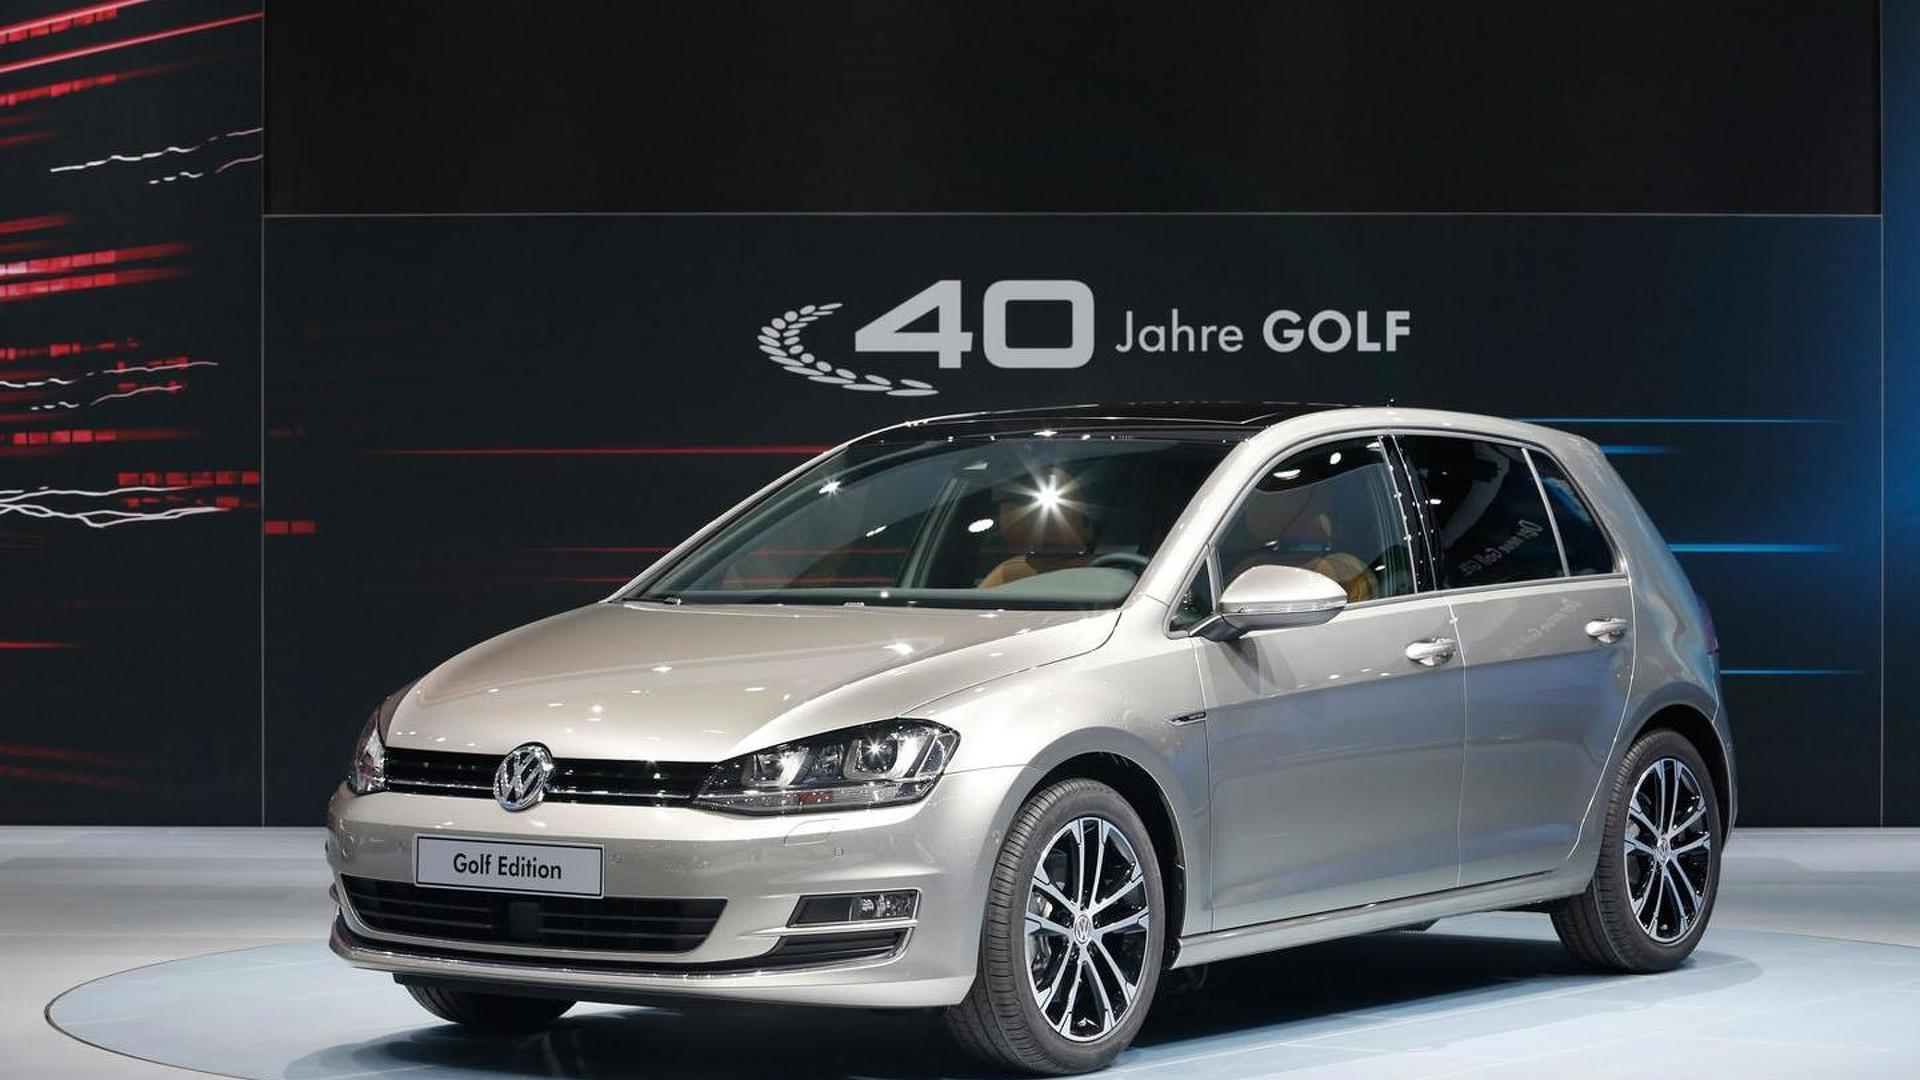 Юбилейный Volkswagen Golf Edition в честь 40-летия